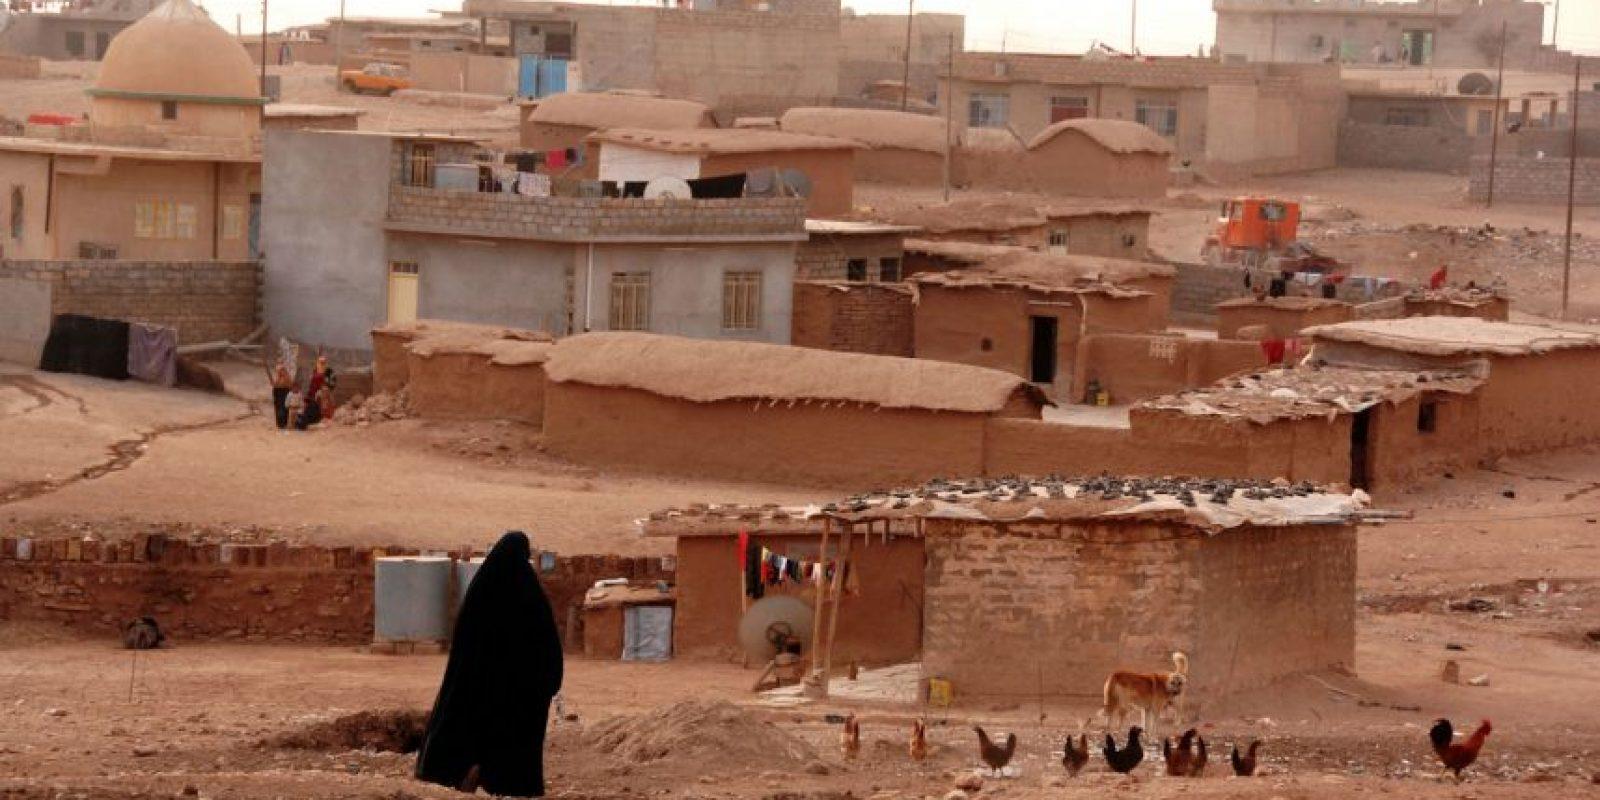 Sin embargo, decidieron no lanzar ataques aéreos debido a que estaba cerca de casas de civiles. Foto:Vía Wikipedia Commons